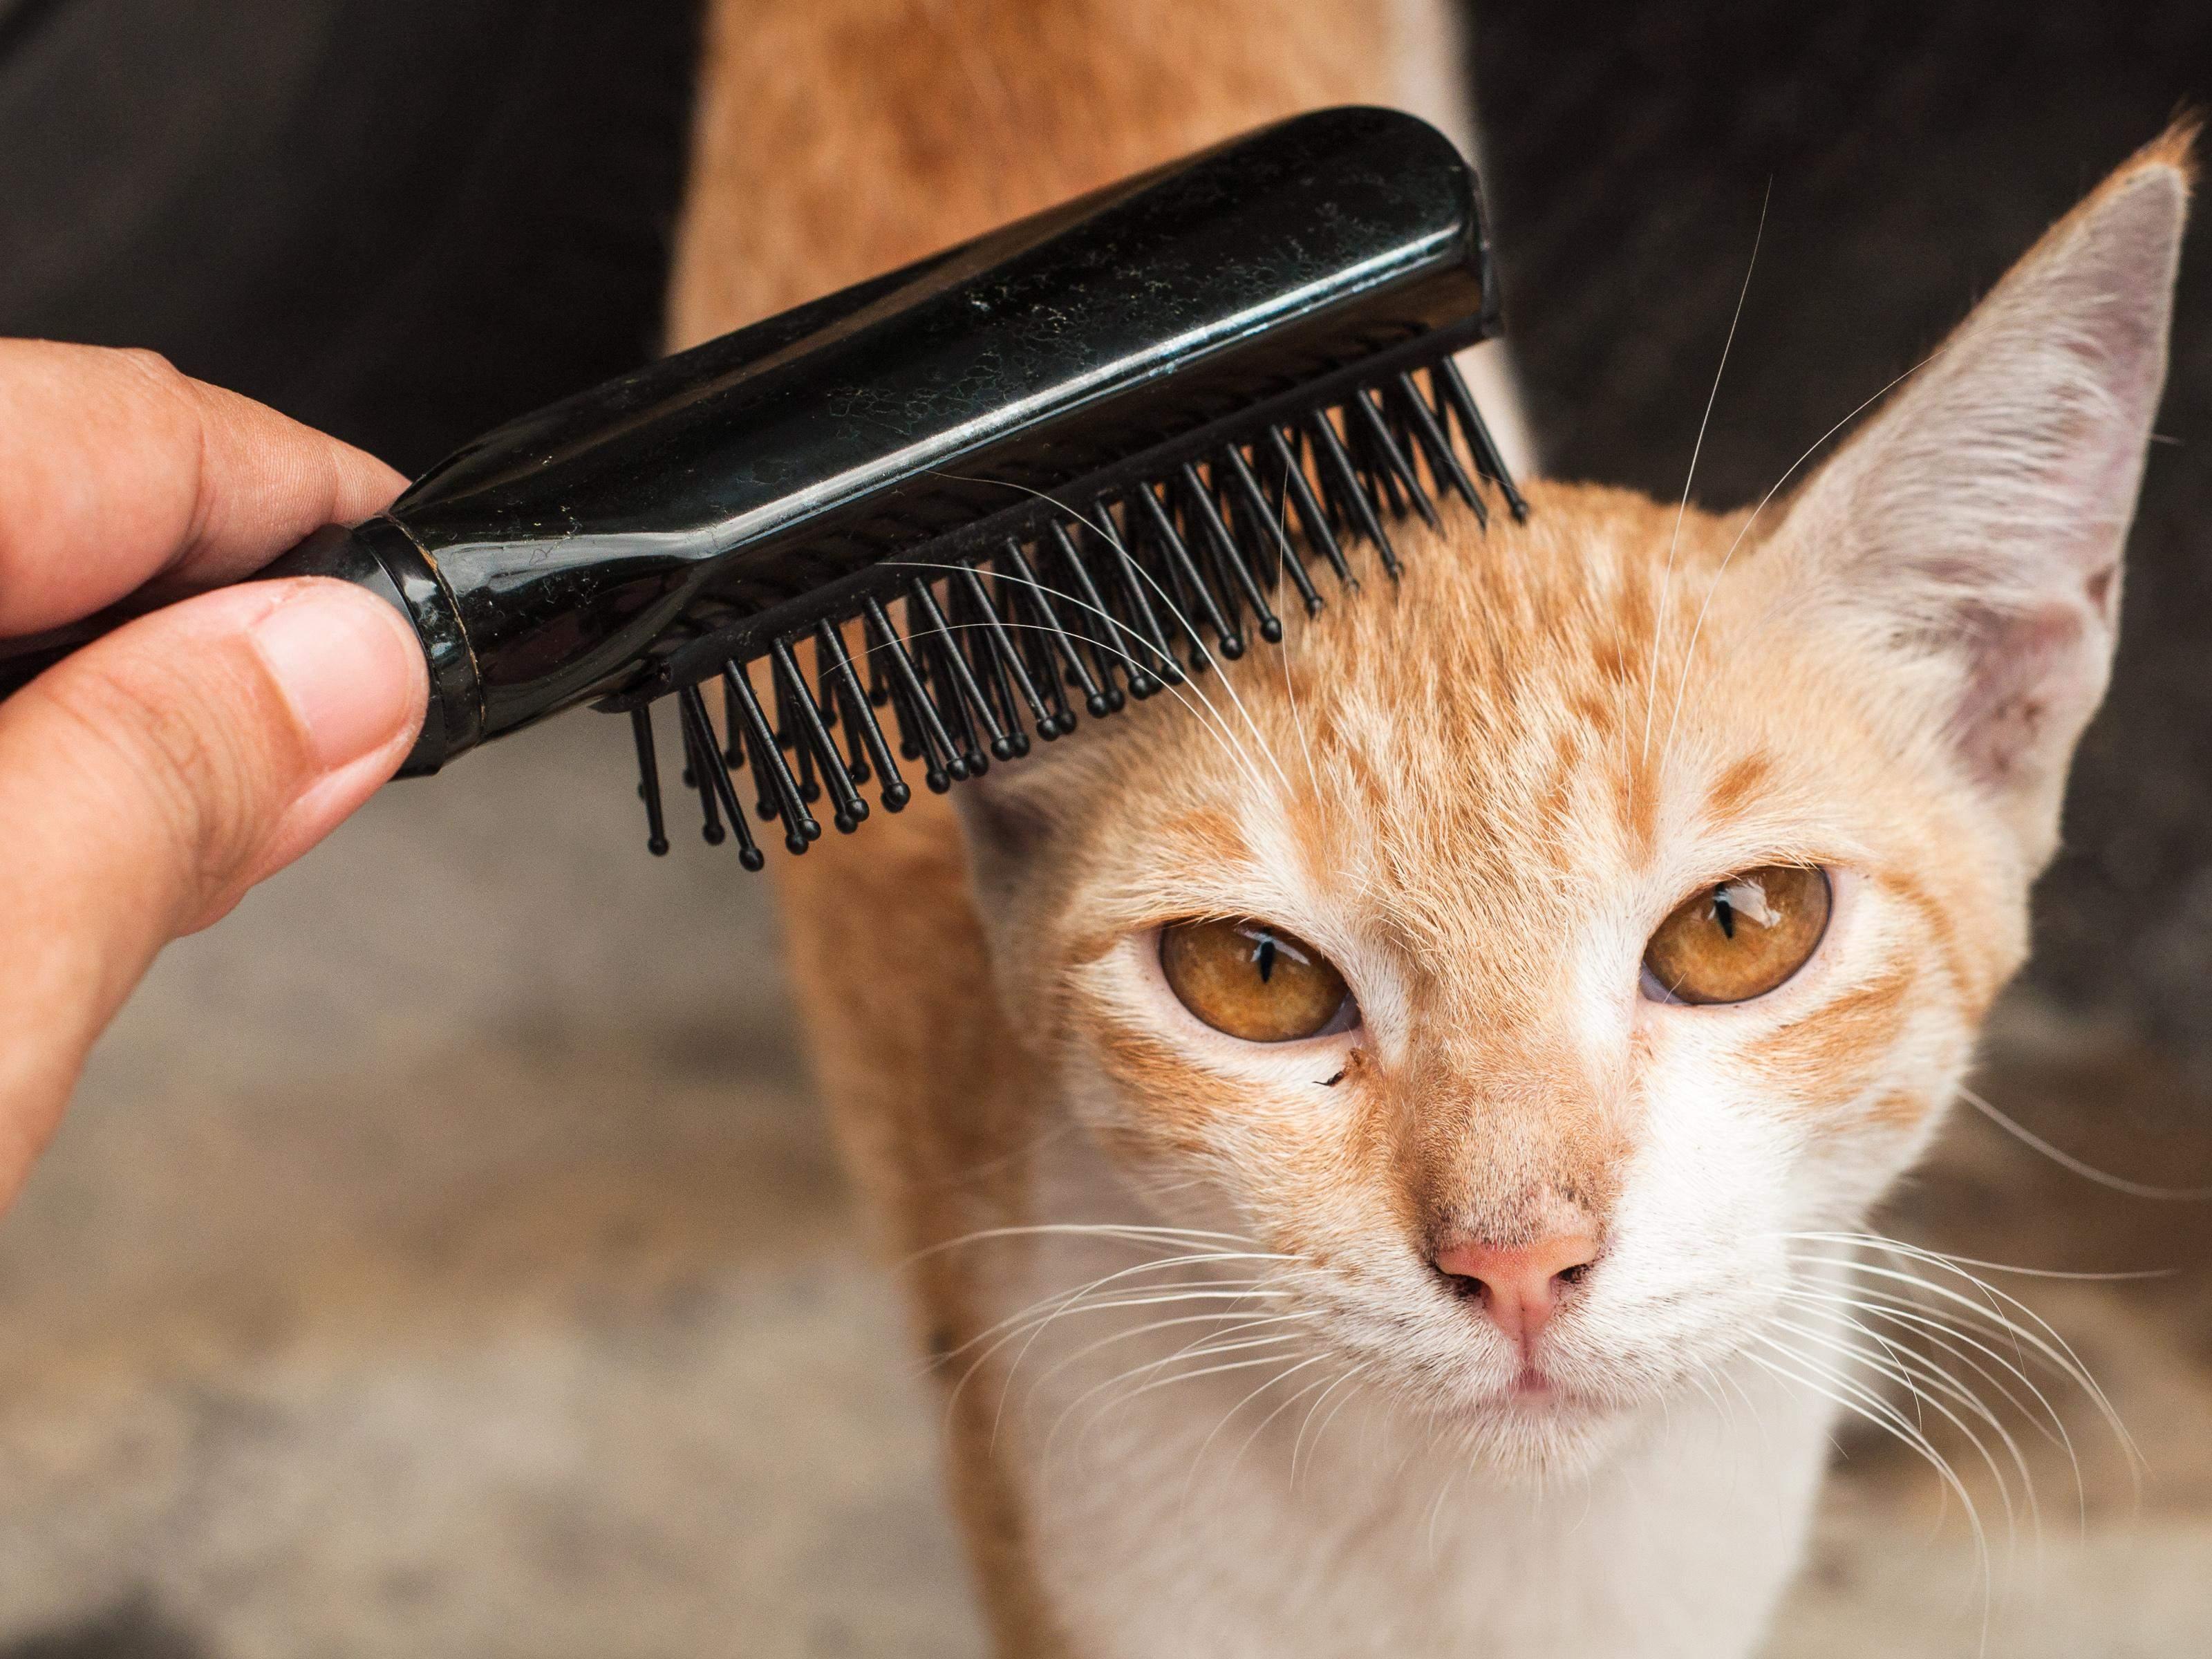 Расчесывание поможет научить кошку вам доверять